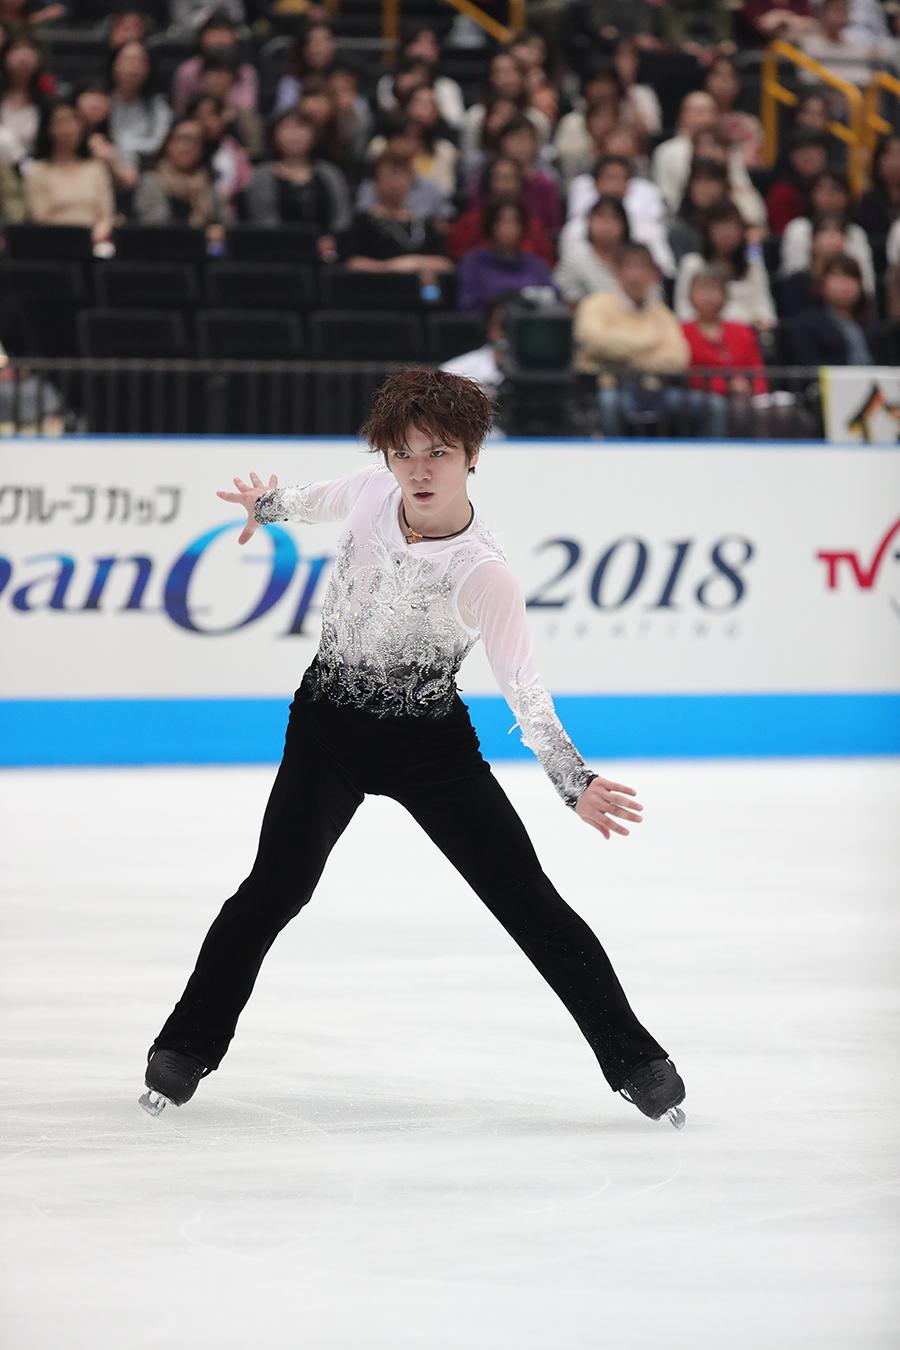 『木下グループカップ フィギュアスケート Japan Open 2019 3地域対抗戦』と『木下グループpresents カーニバル・オン・アイス2019』に出場する宇野昌磨